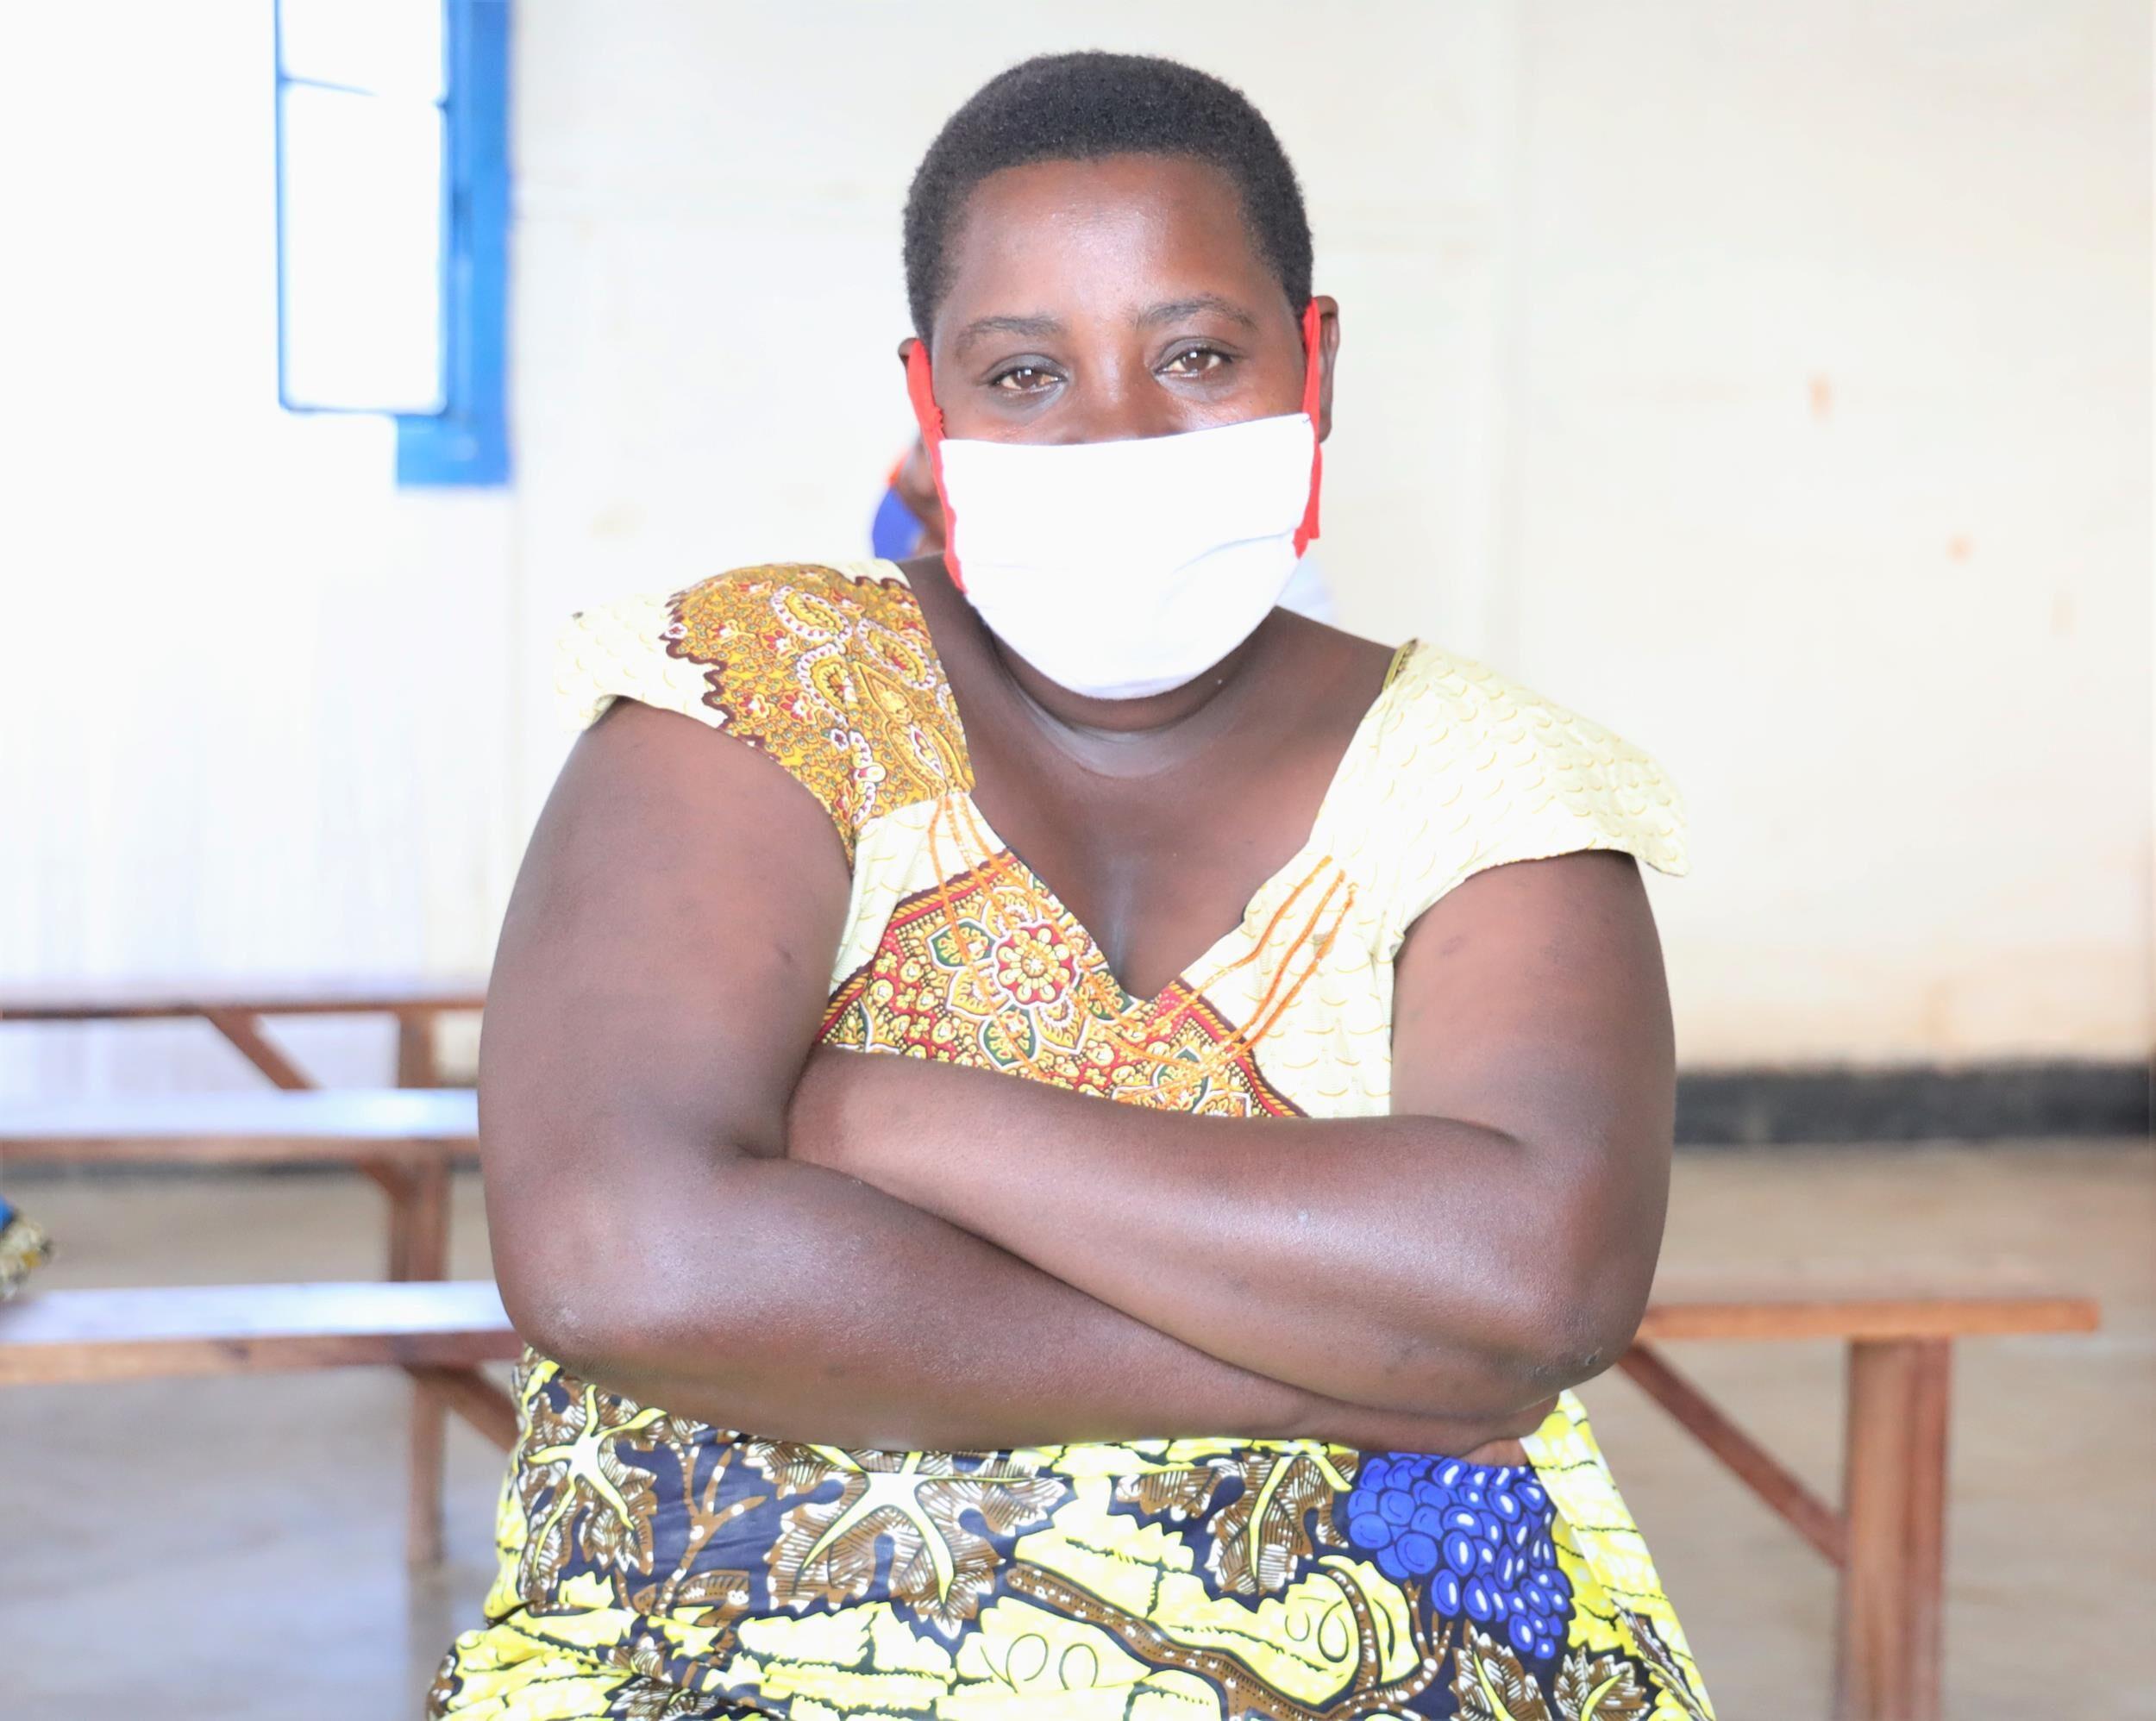 Une petite aide signifie beaucoup pour les réfugiés burundais au Rwanda